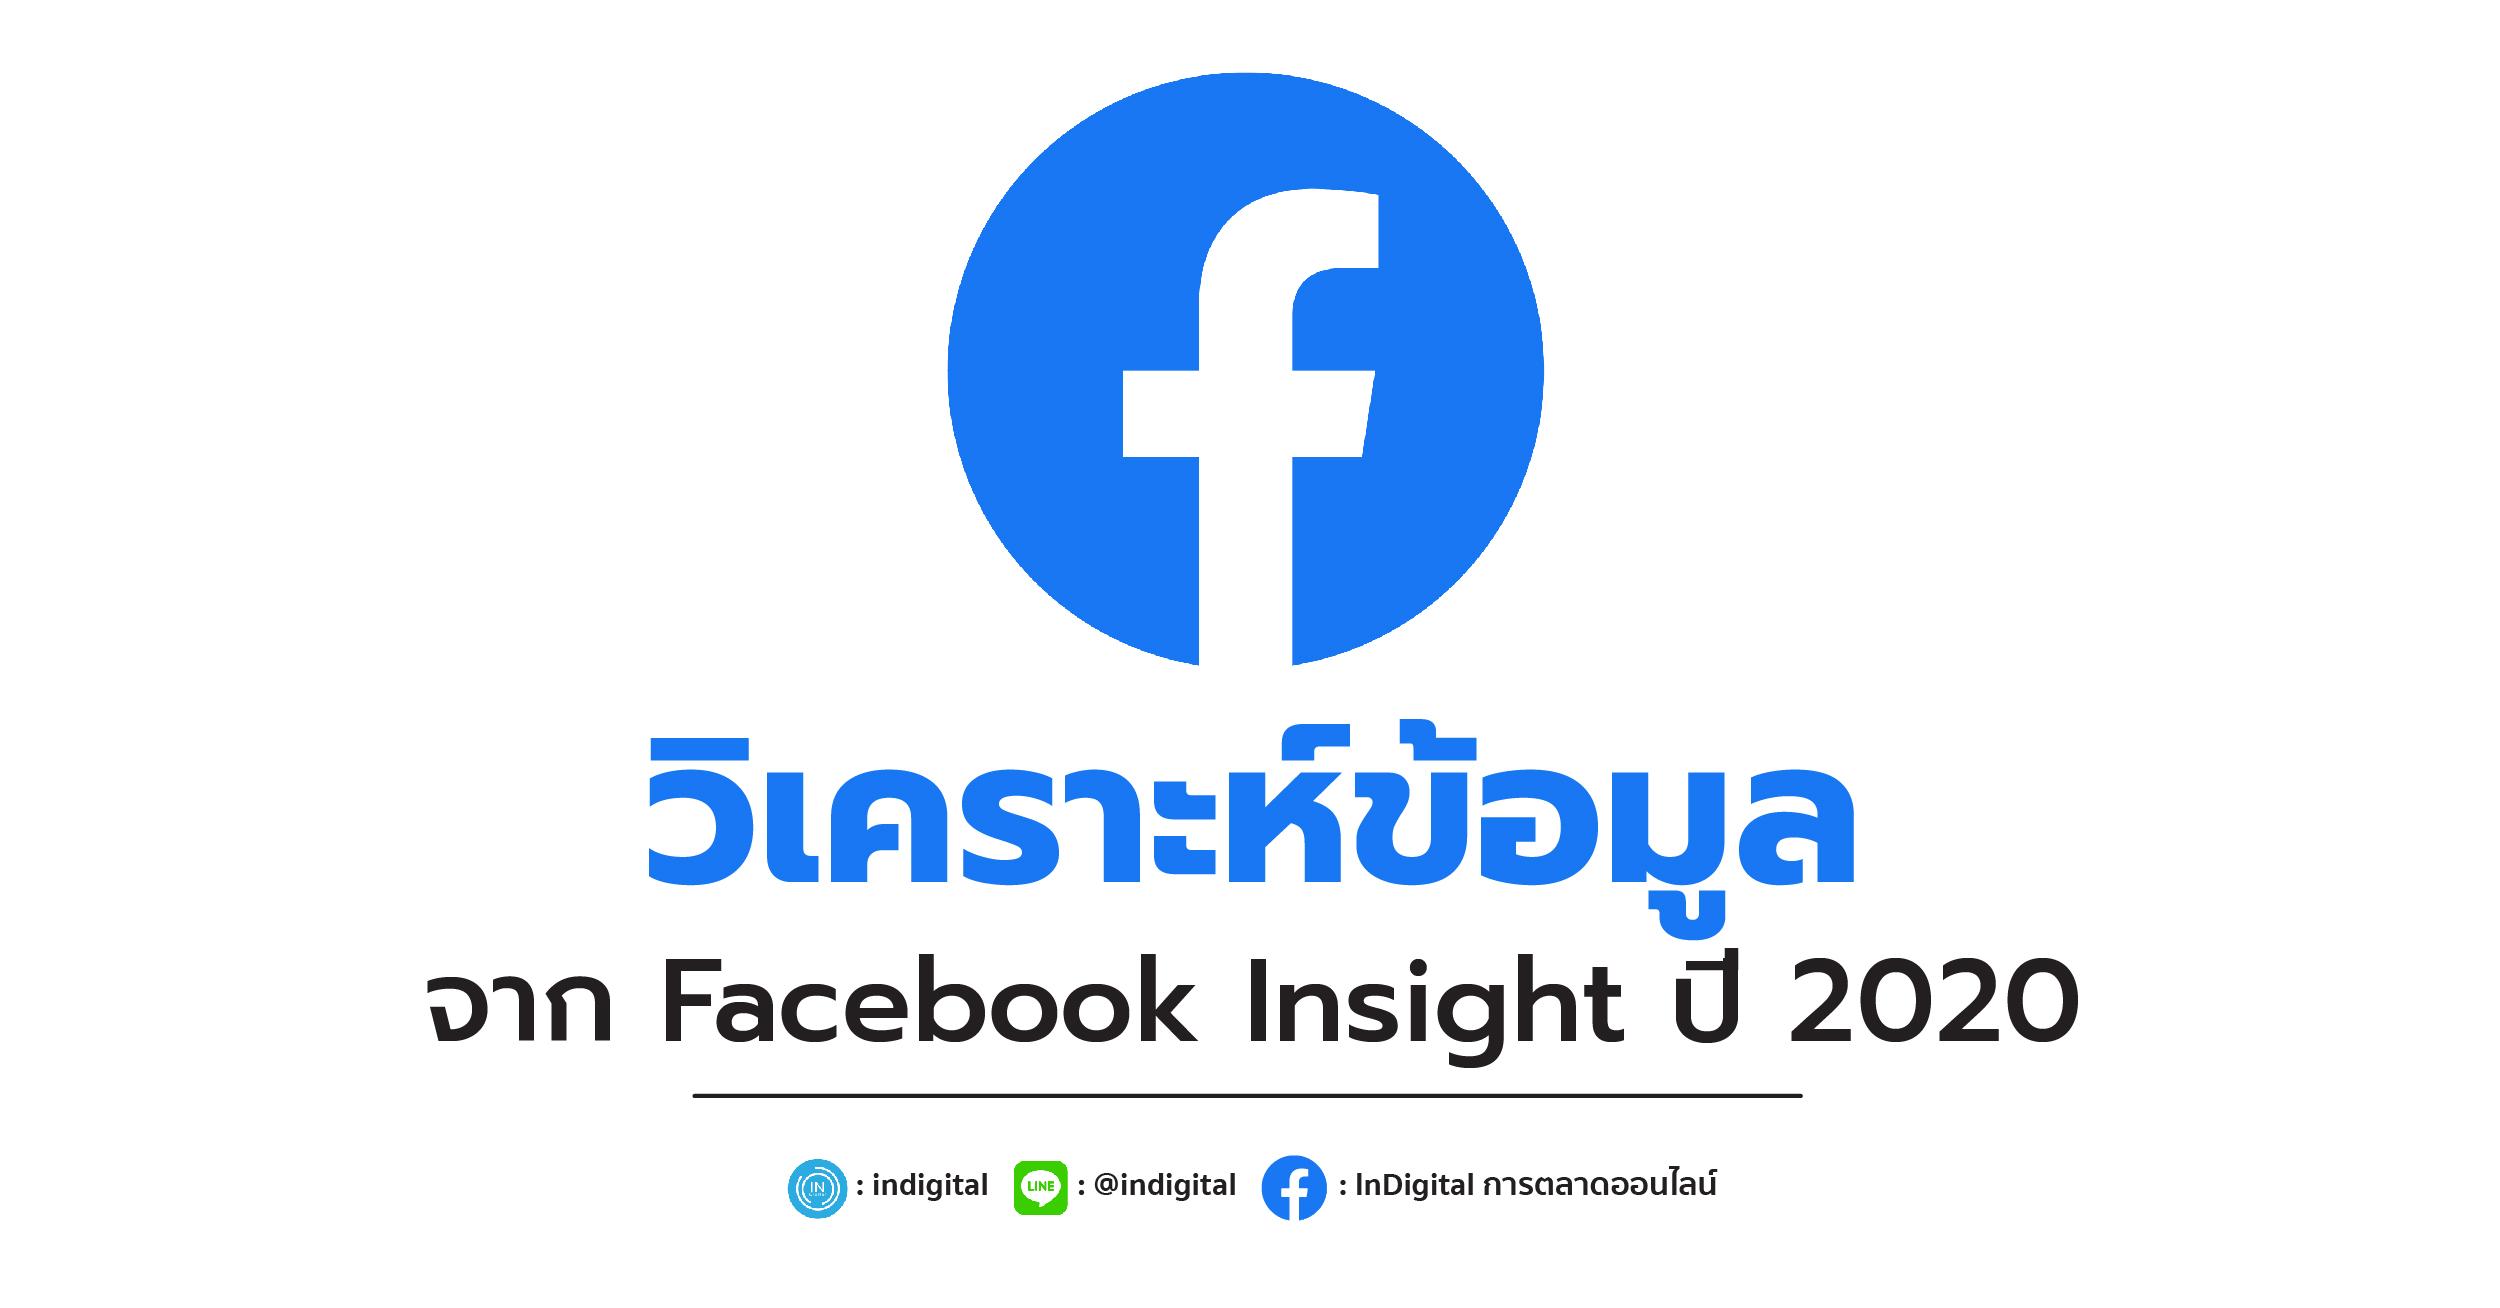 วิเคราะห์ข้อมูลจาก Facebook Insight ปี 2020